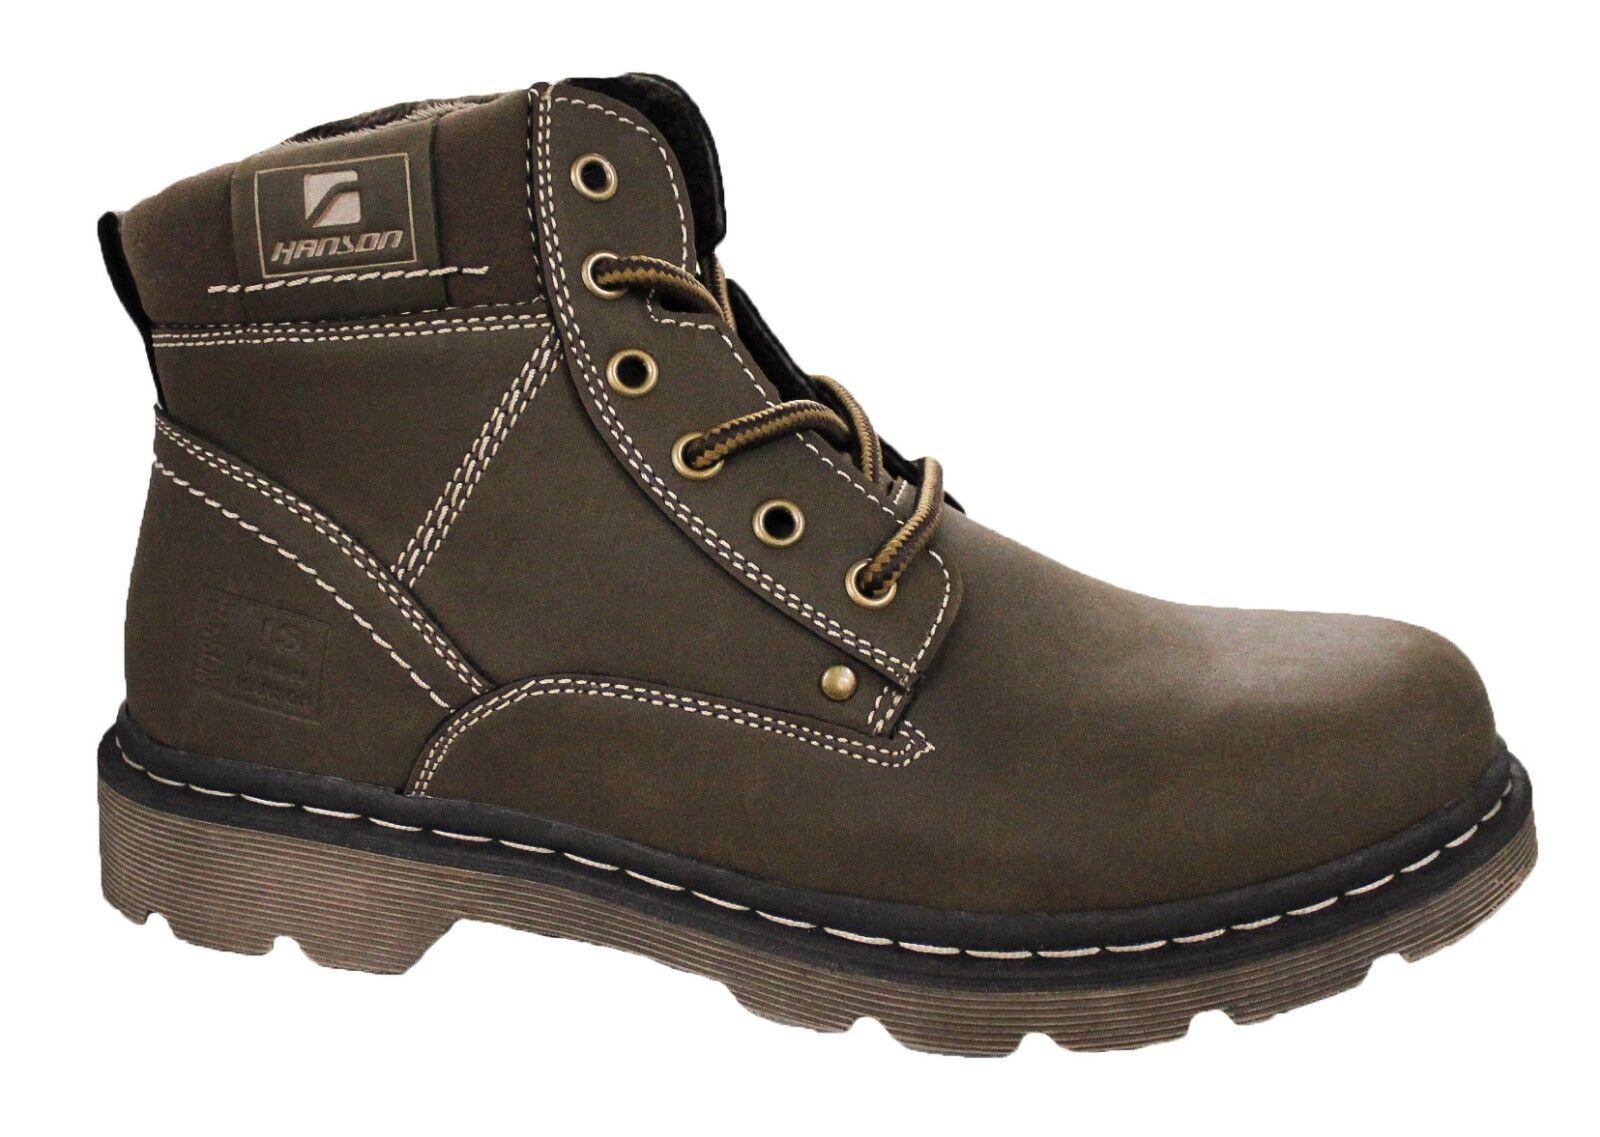 HANSON STIVALI men INVERNALI NEVE shoes SNEAKERS brown CON PELLICCIA INTERNA